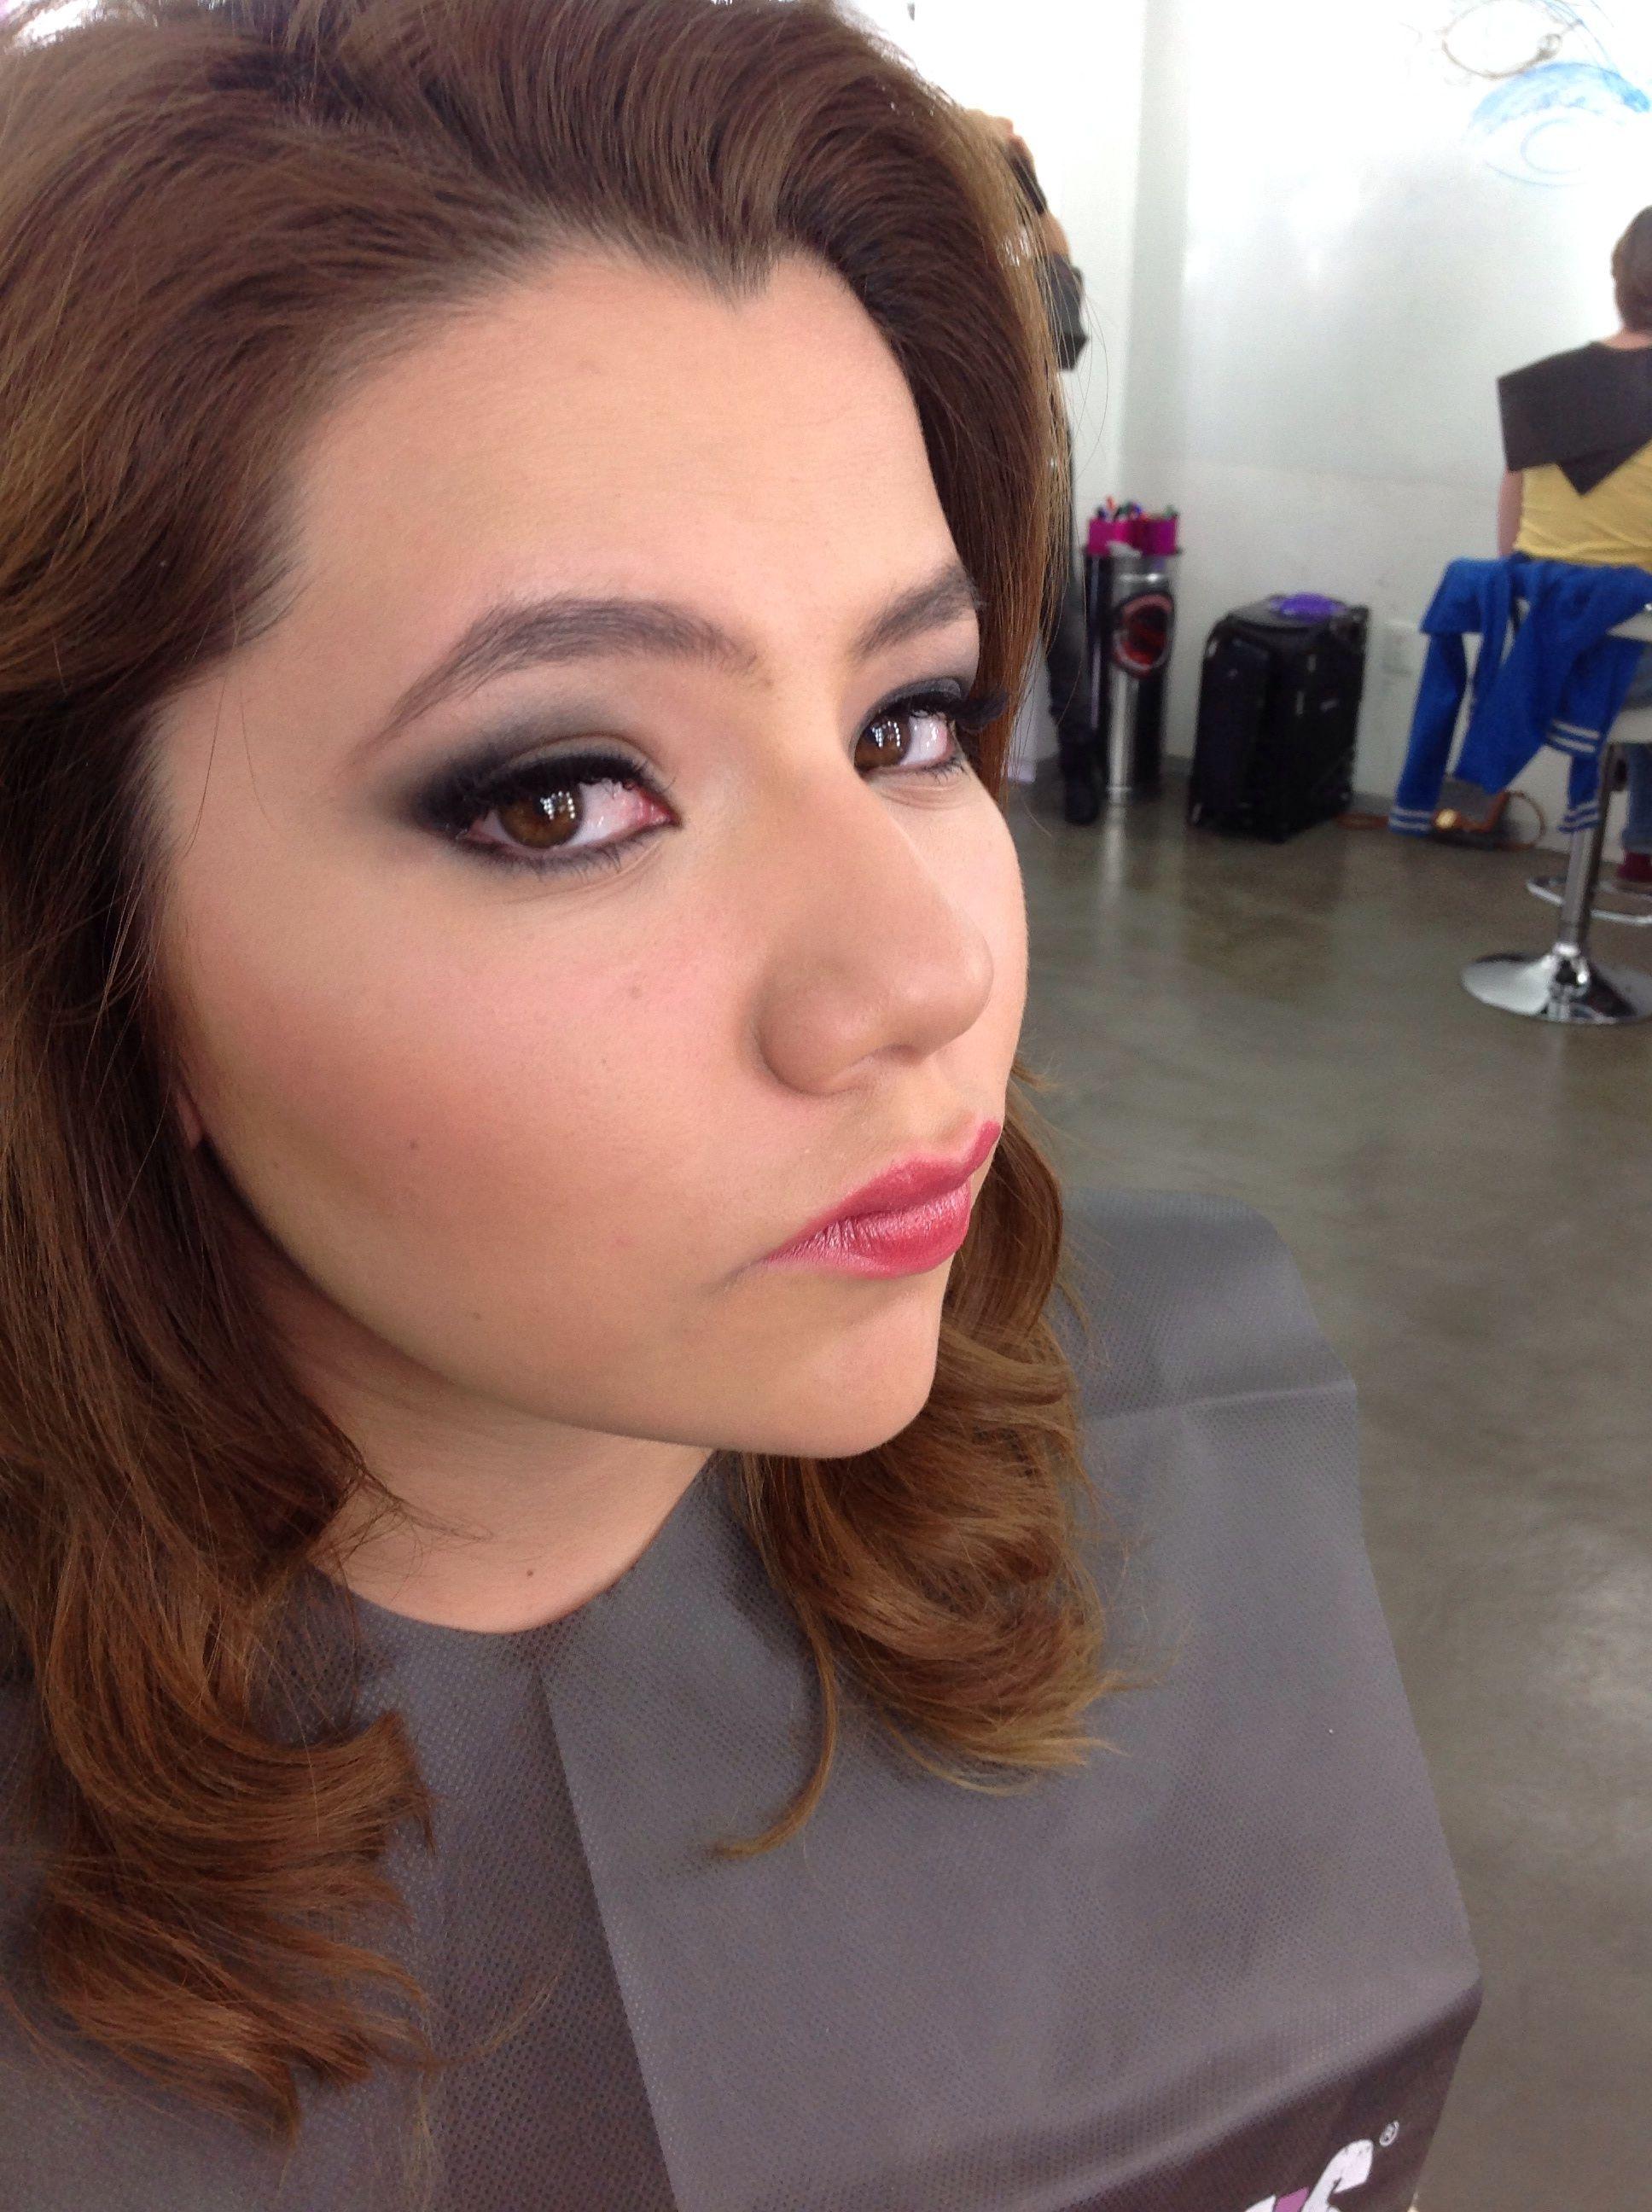 Beauty Maquillaje Para Eventos Makeup Pinterest Makeup - Maquillaje-para-eventos